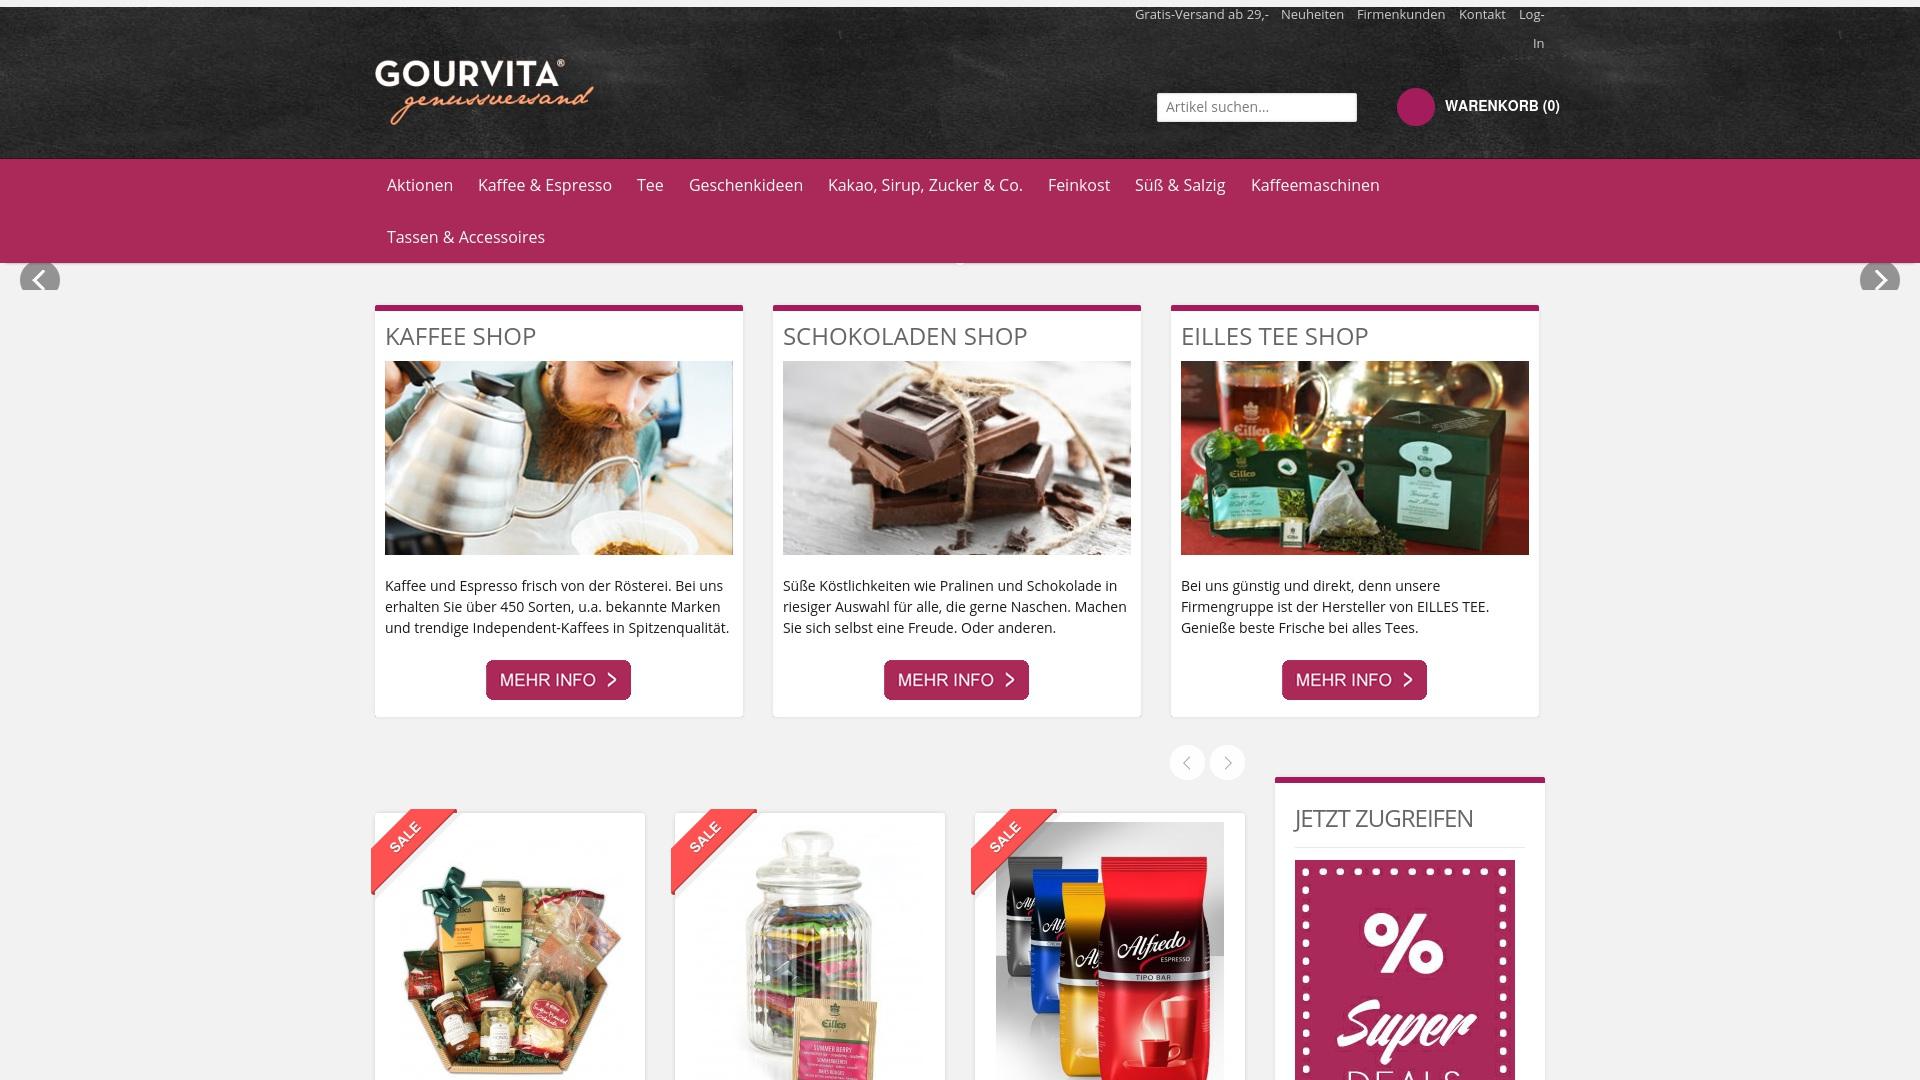 Gutschein für Gourvita: Rabatte für  Gourvita sichern